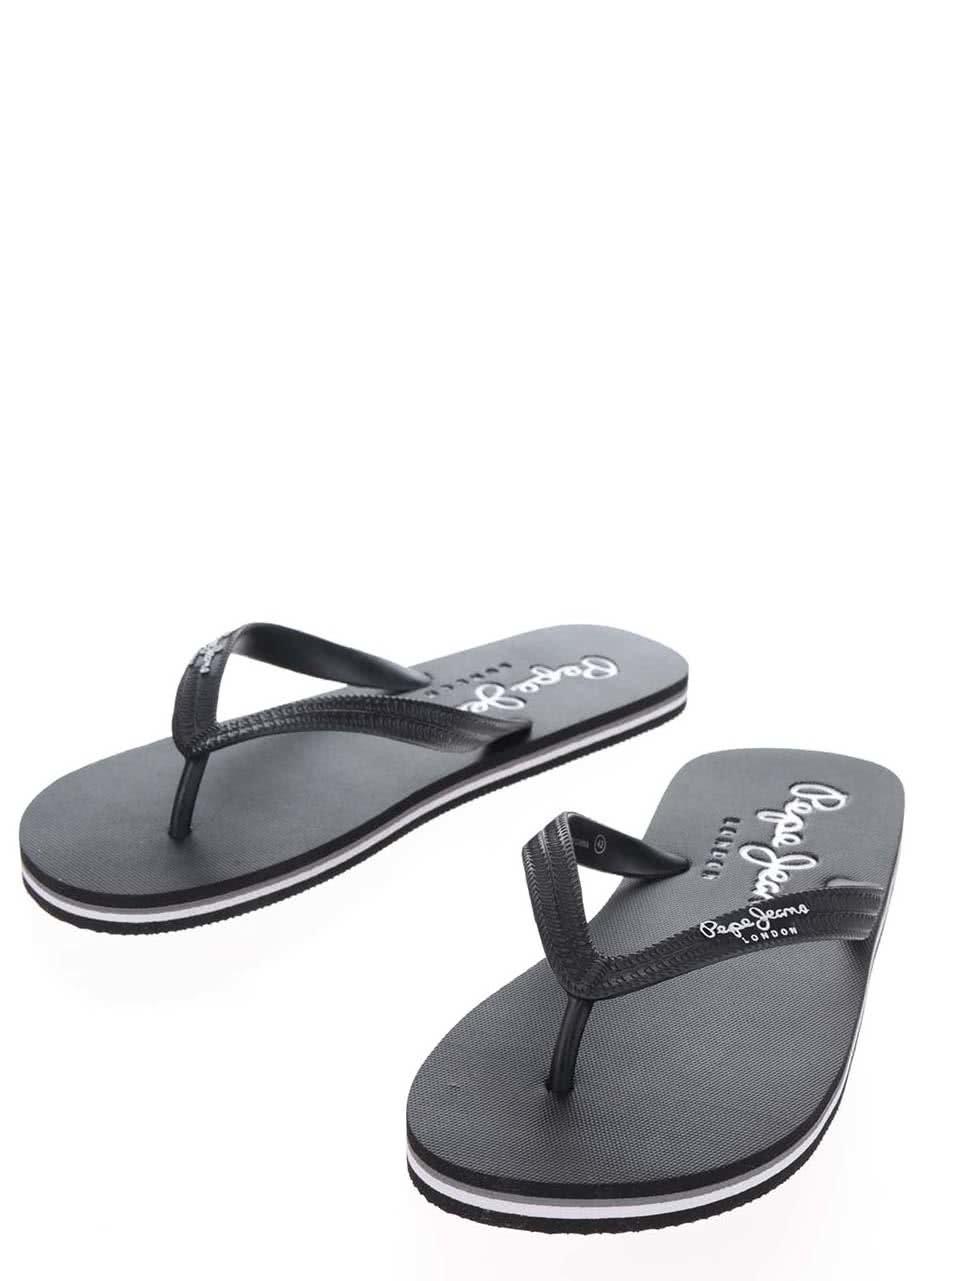 Černé pánské žabky s nápisem Pepe Jeans Swimming ... 0b5d2a9c68